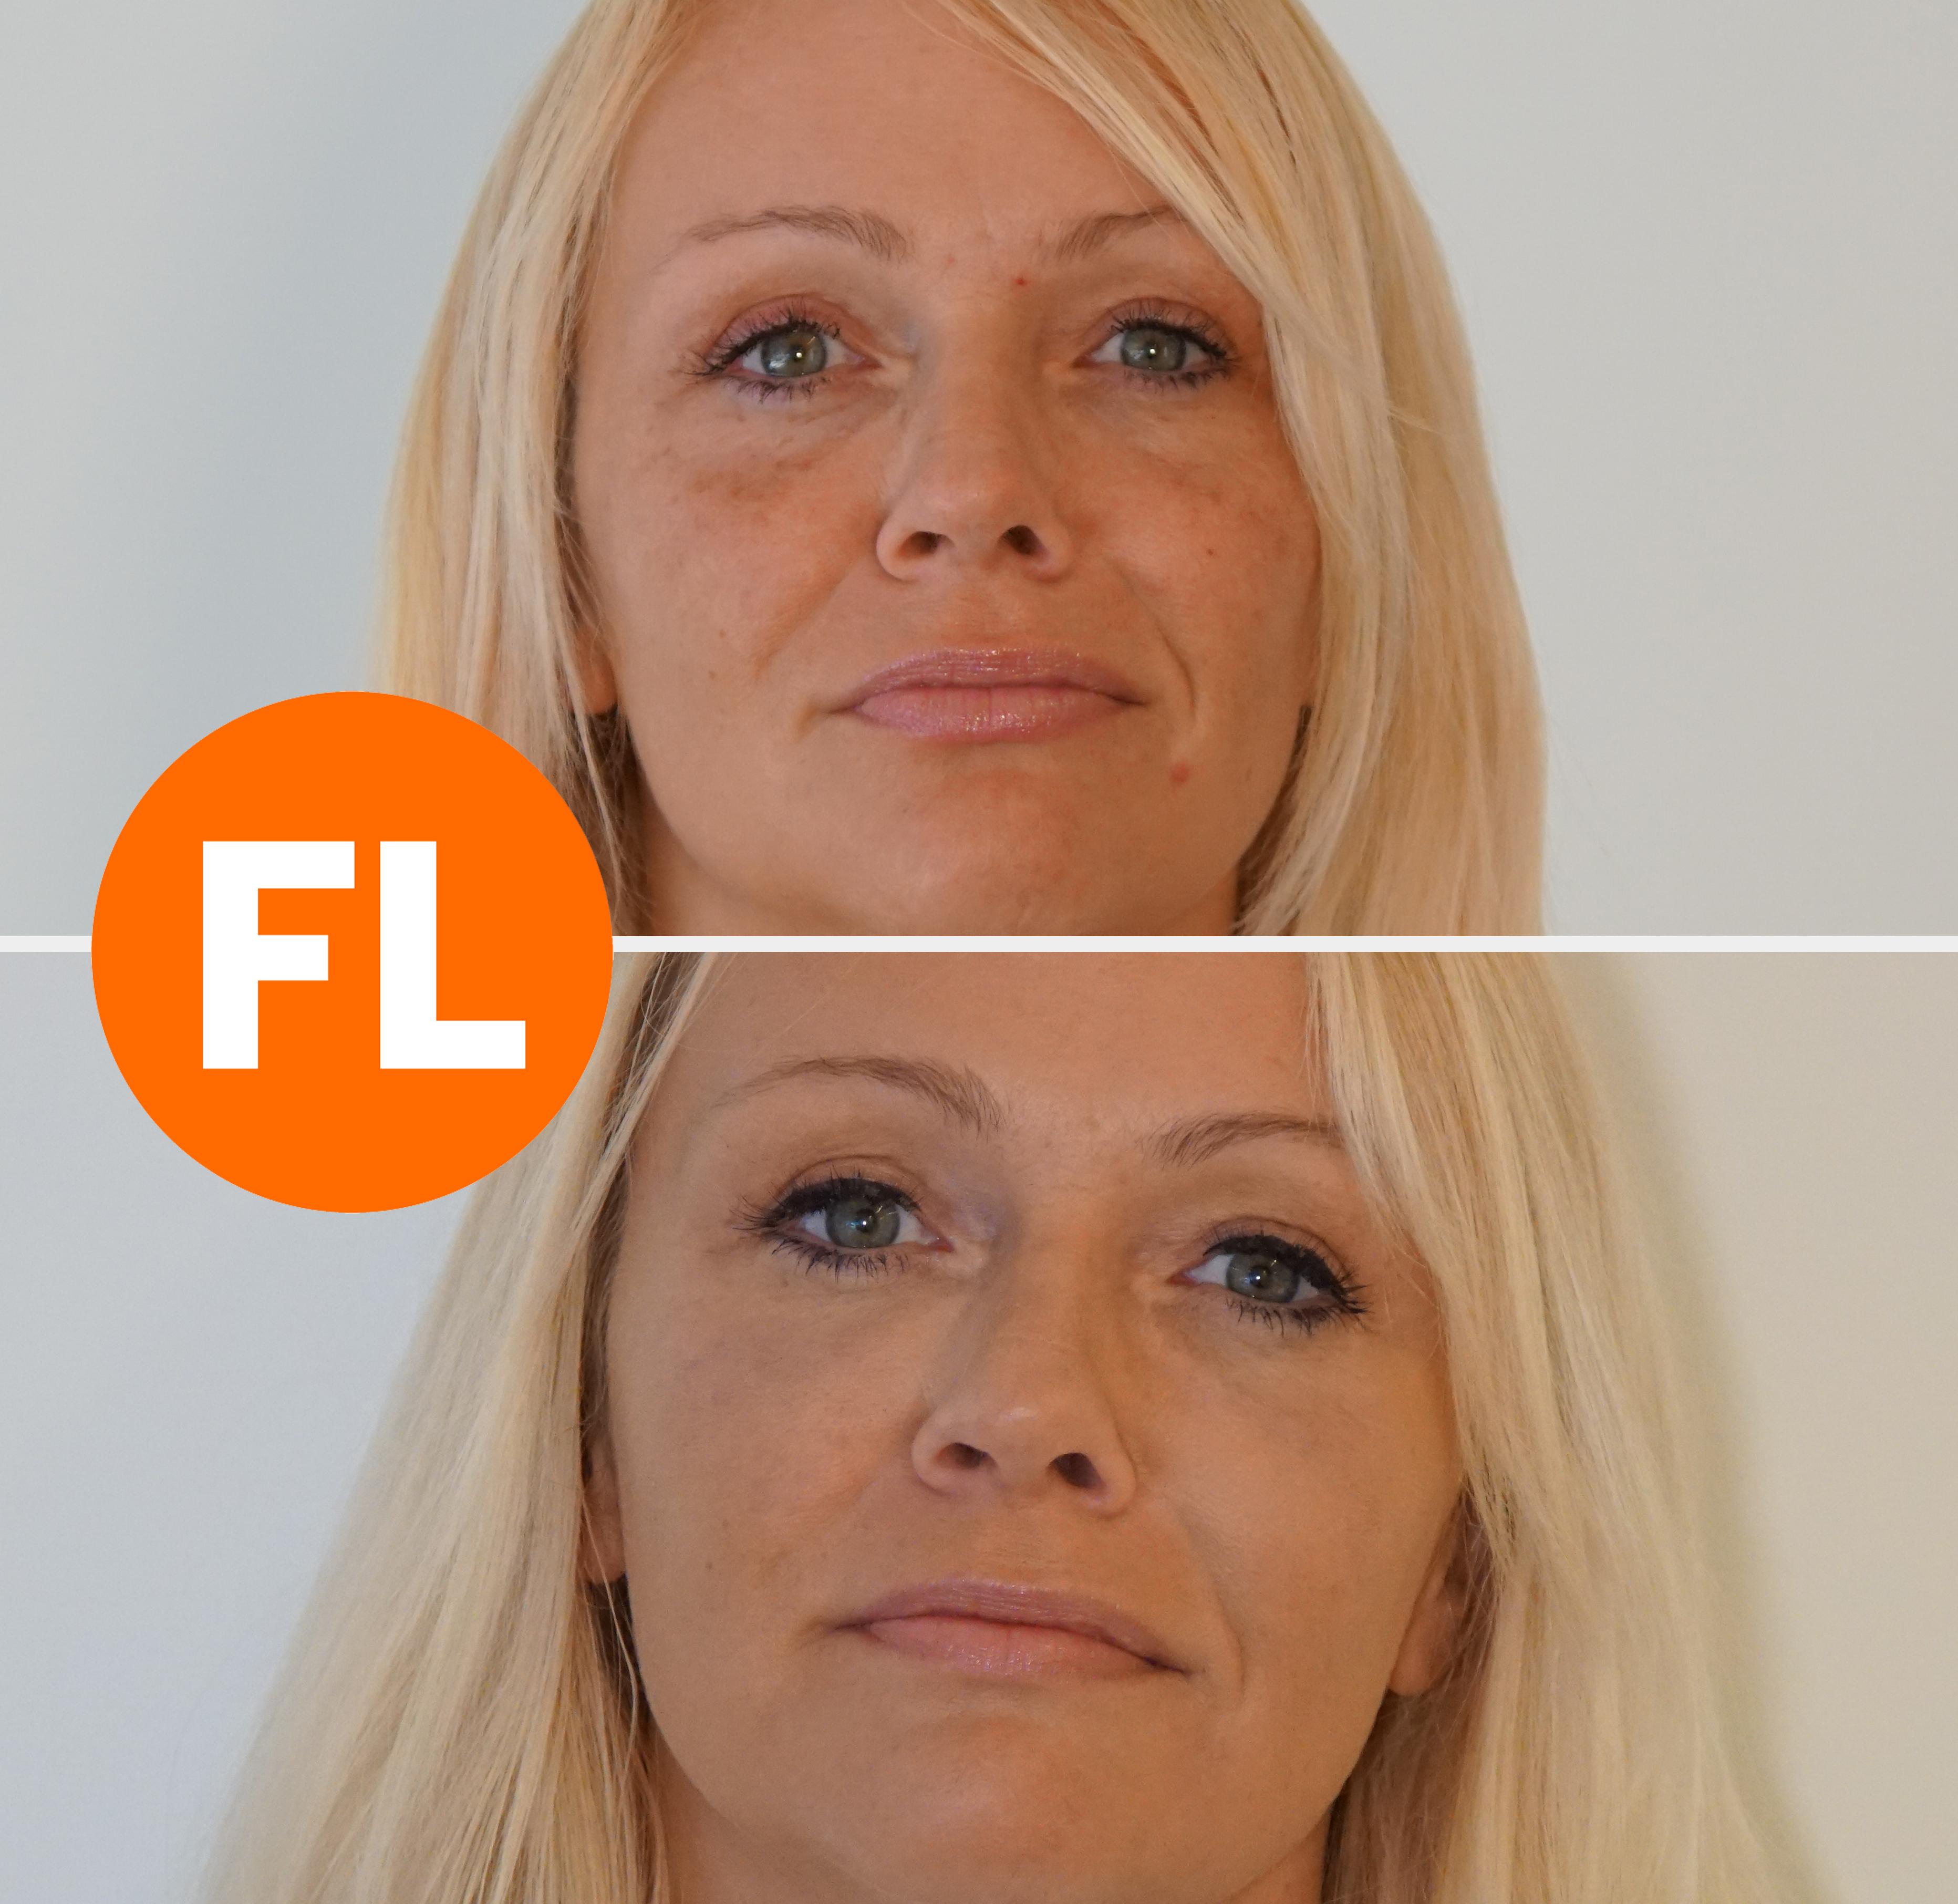 Voor en na foto traangootbehandeling met fillers